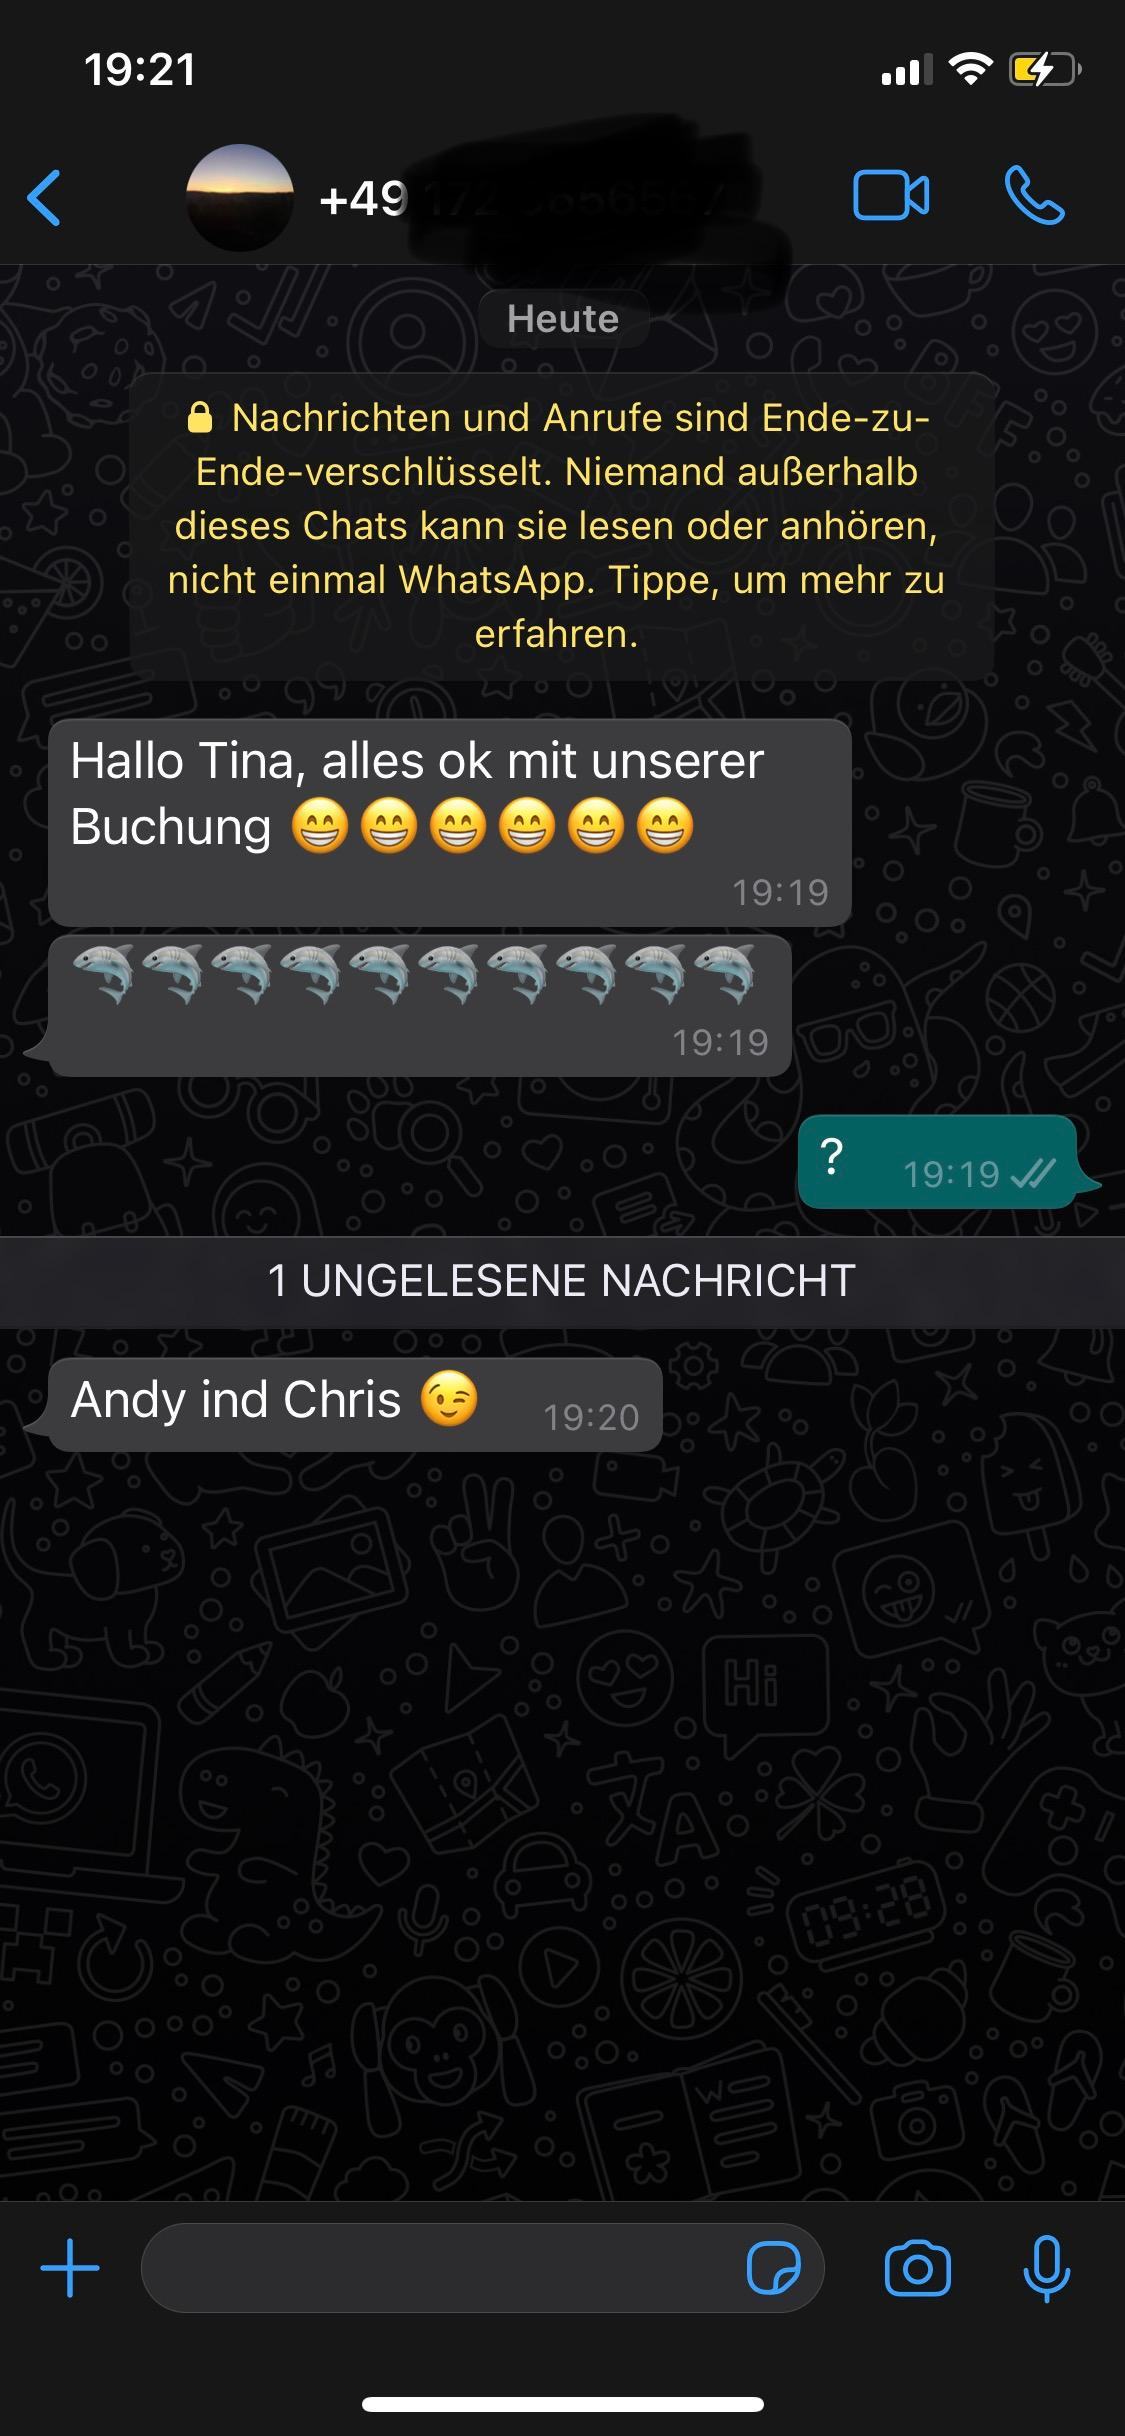 Whatsapp Trojaner 2021